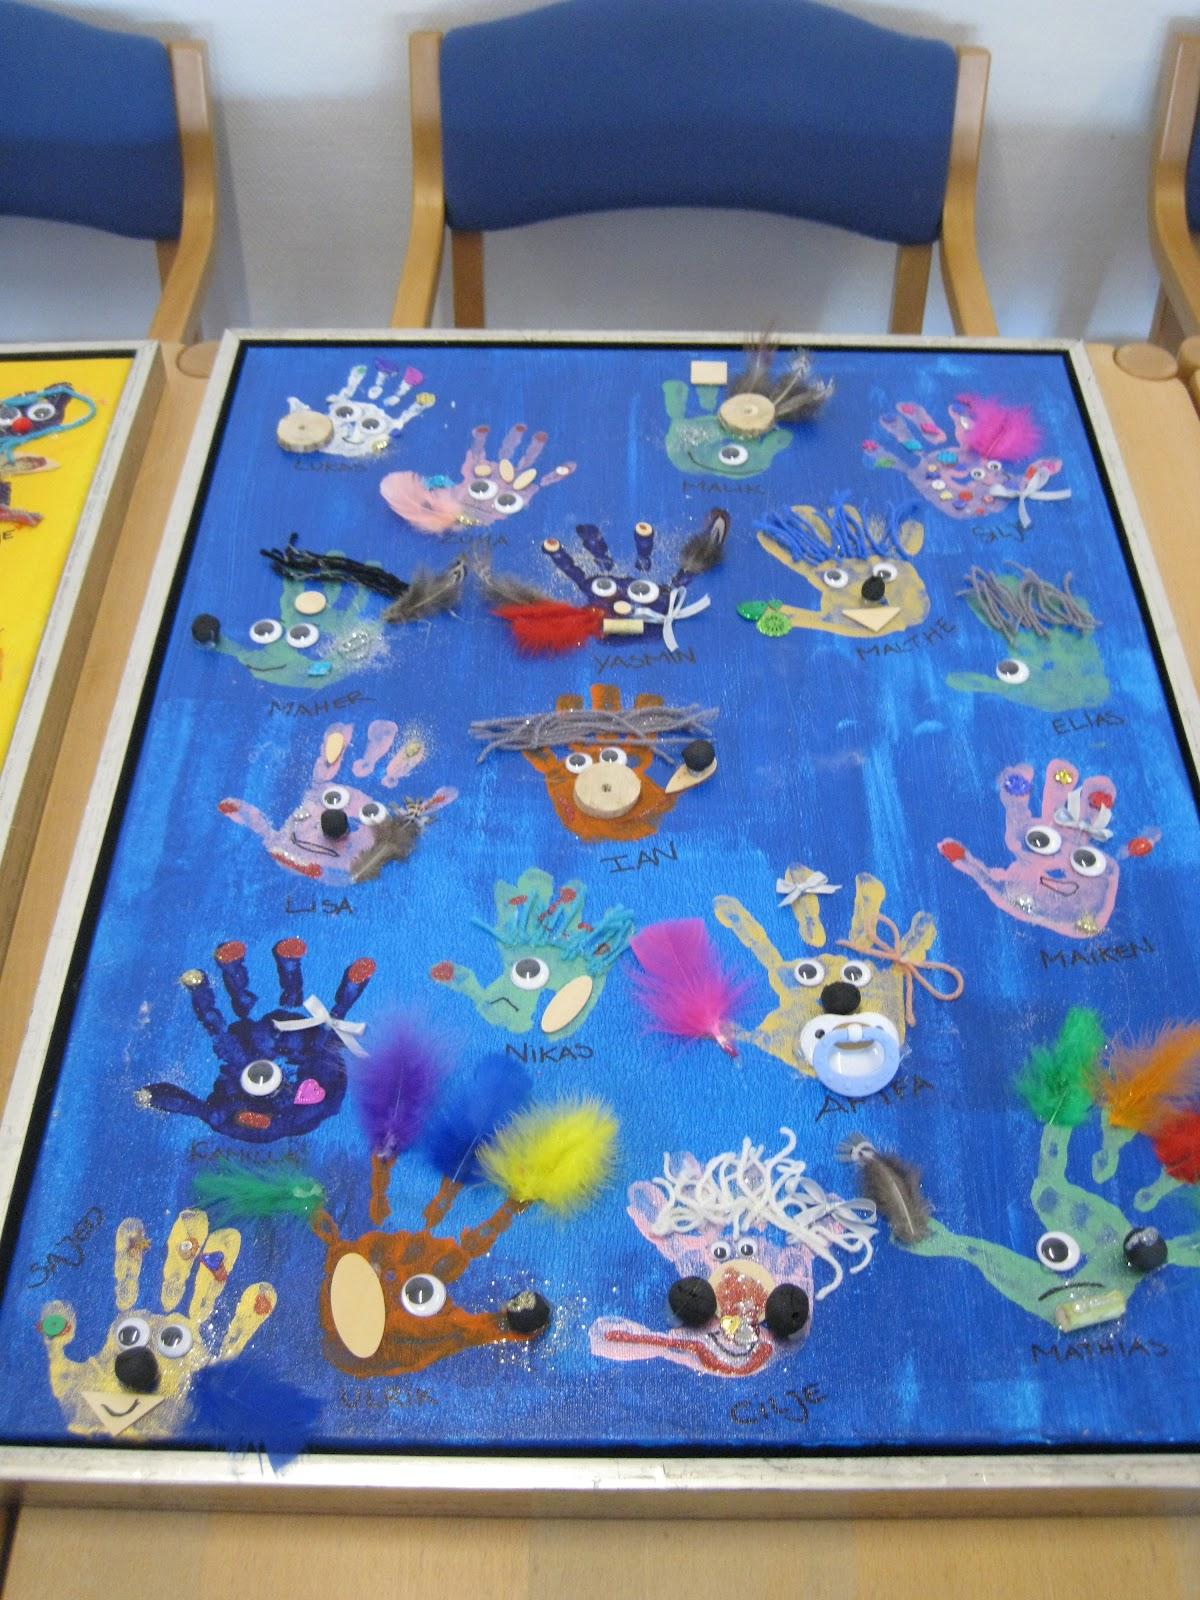 Crazy Cat Lady: Kreativitet i Børnehaven!